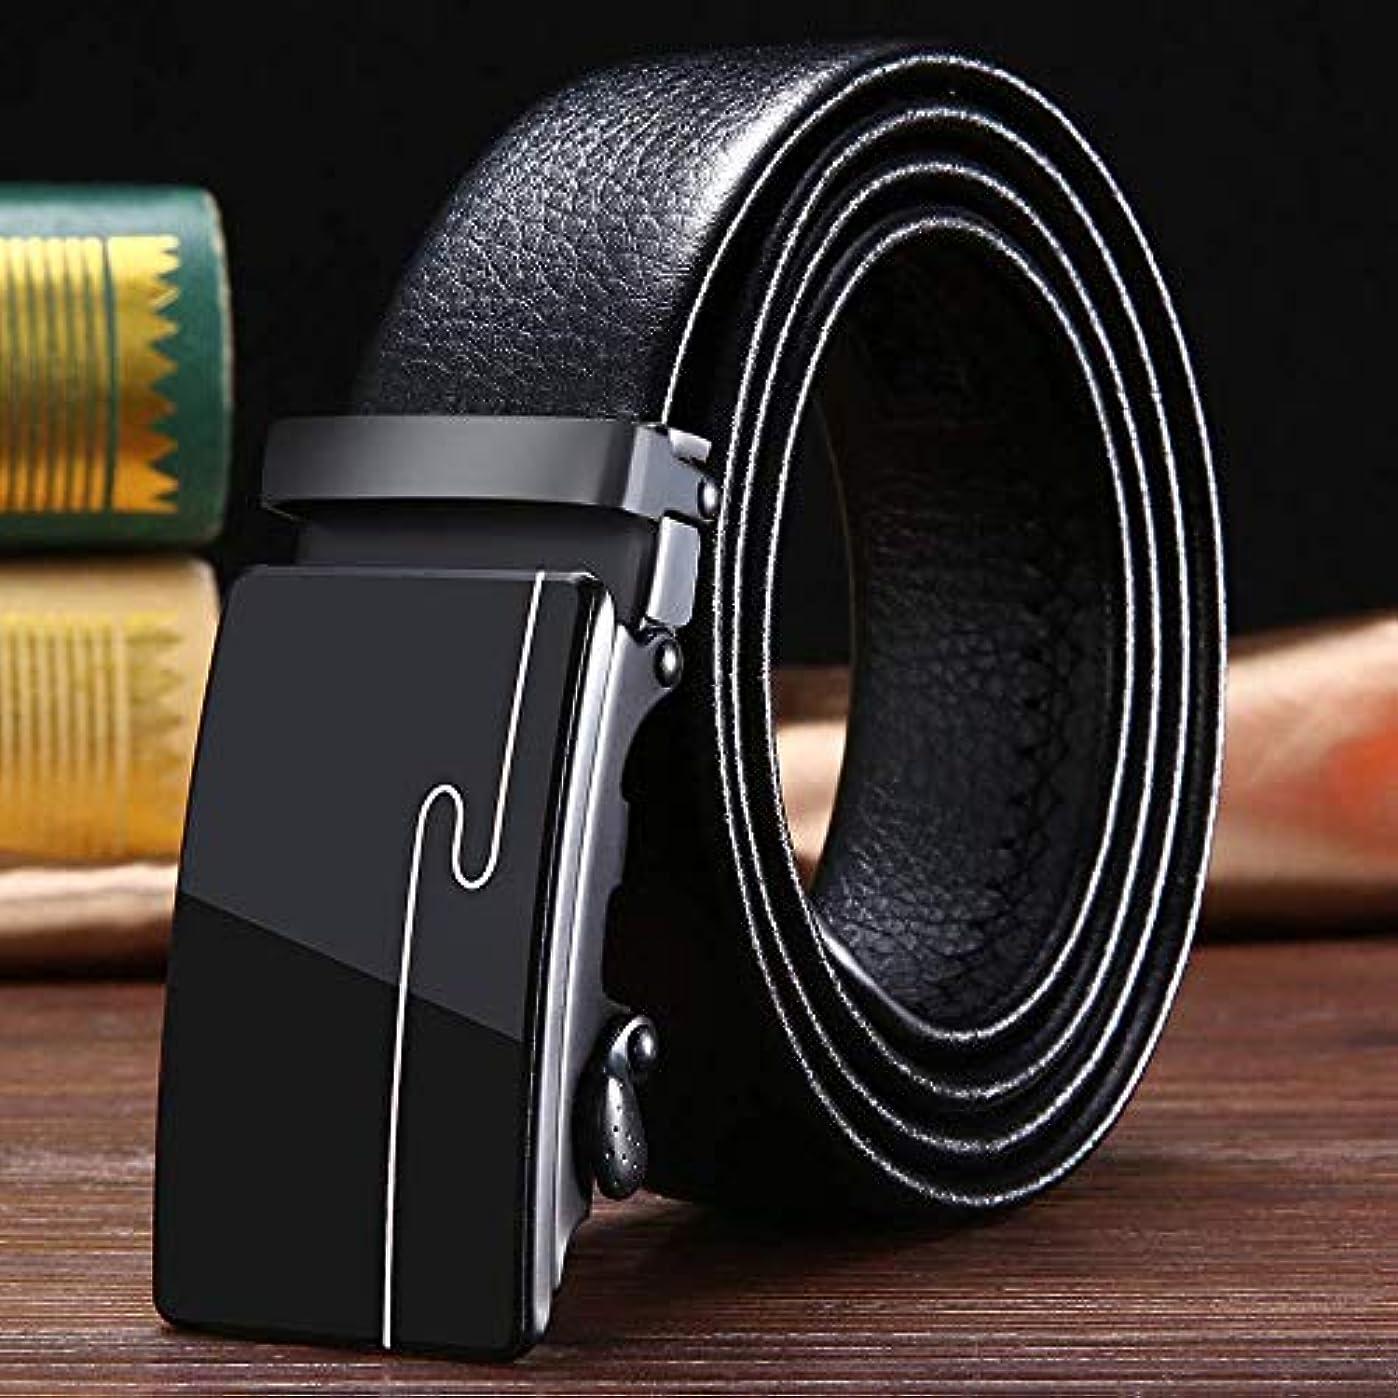 解読する入札追放するベルトメンズレザーオートマチックロックバックルバックル紳士スーツベルト品質レザー無段階調整無孔ビジネスカジュアルメンズベルトサイズ調節可能カットフリータイプギフトボックスブラック (3)